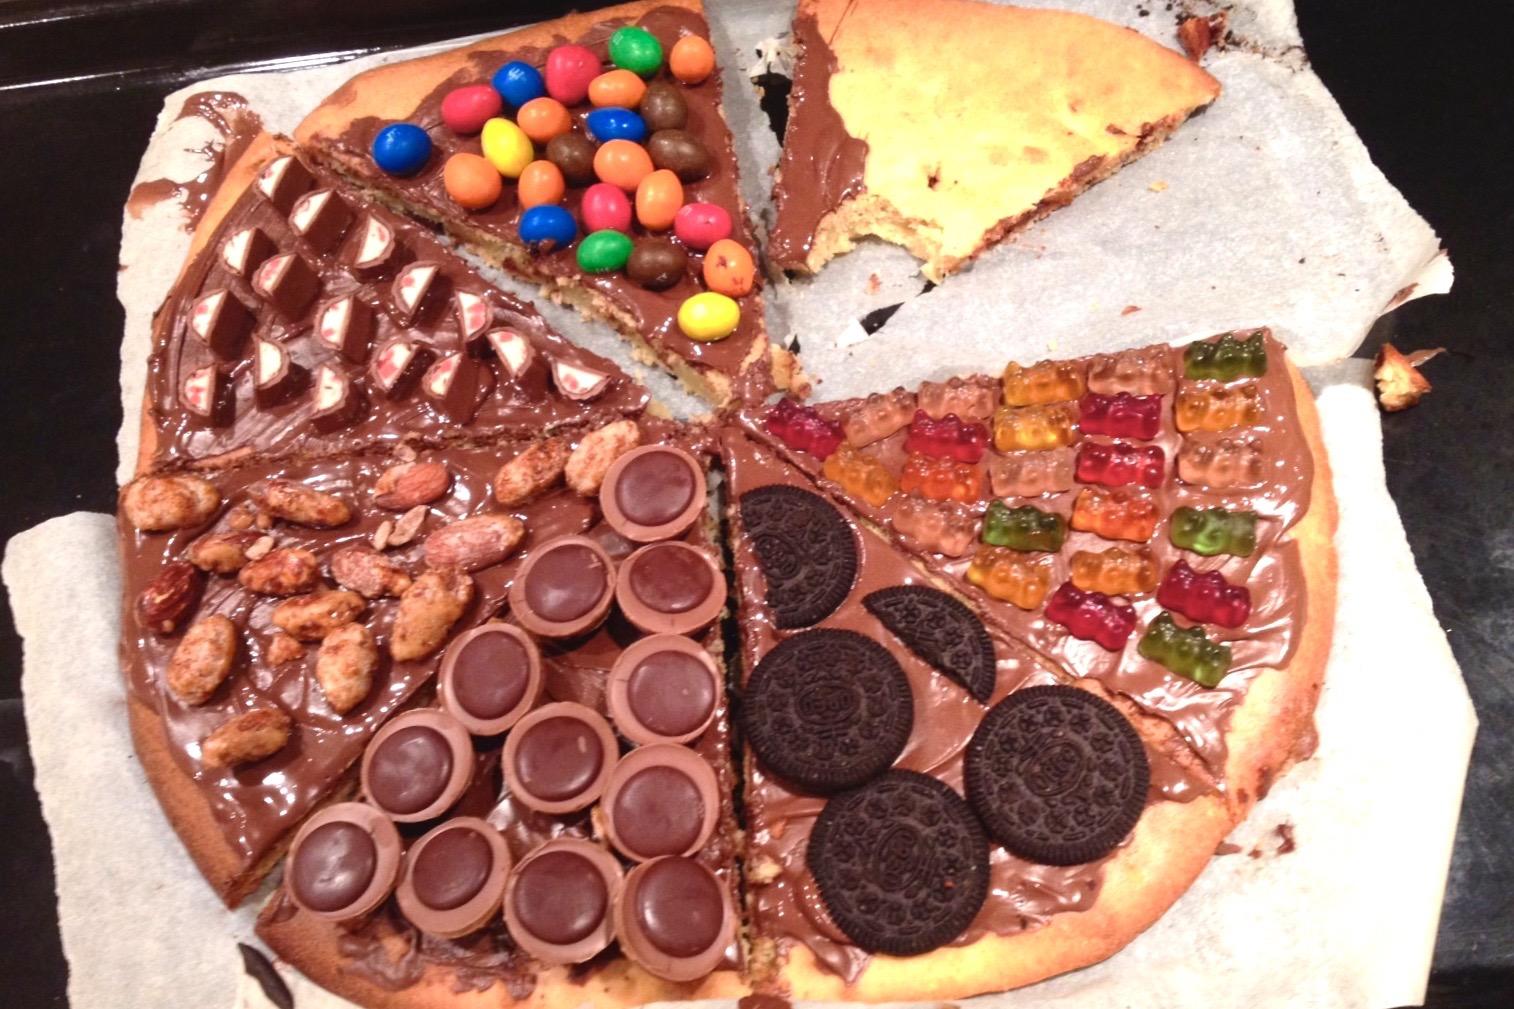 Pizza mit Oreo, Toffifee, Yogurette, M & M's und mehr